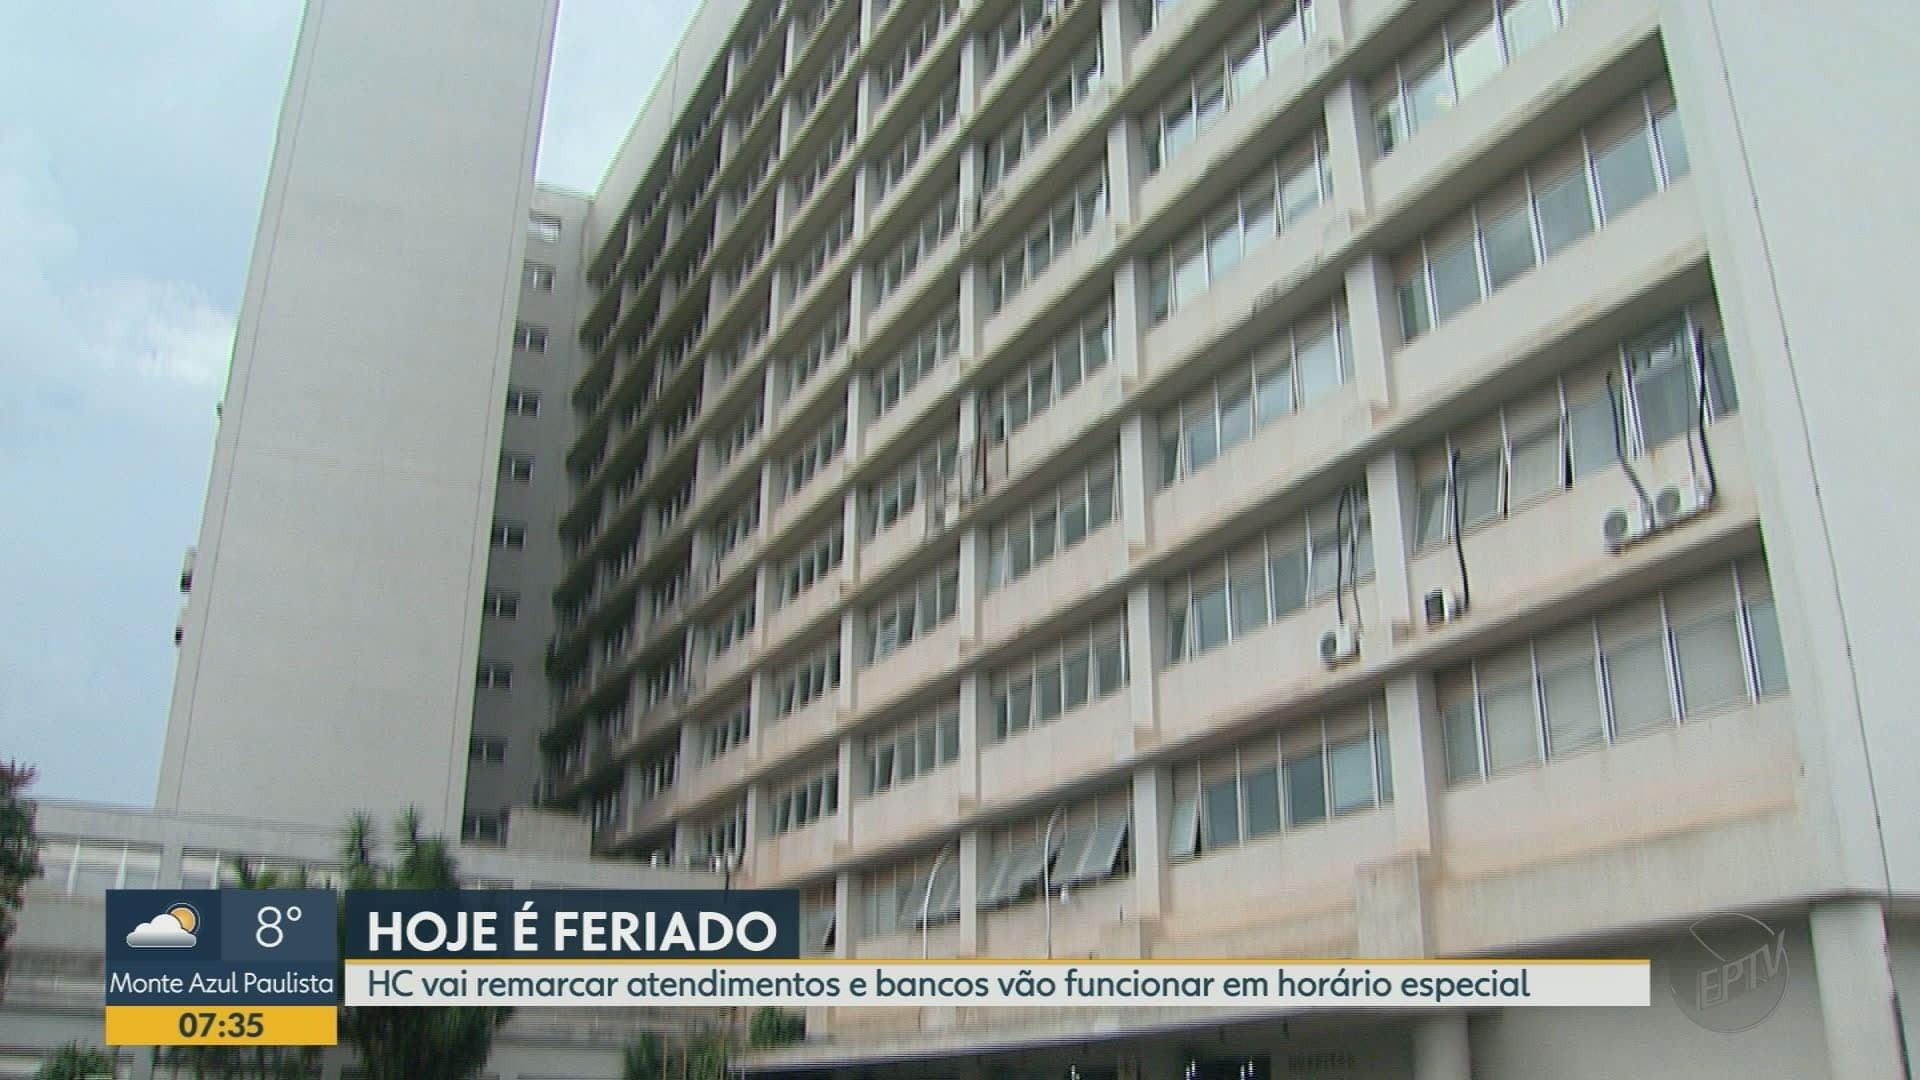 VÍDEOS: Bom Dia Cidade Ribeirão Preto de segunda-feira, 25 de maio de 2020